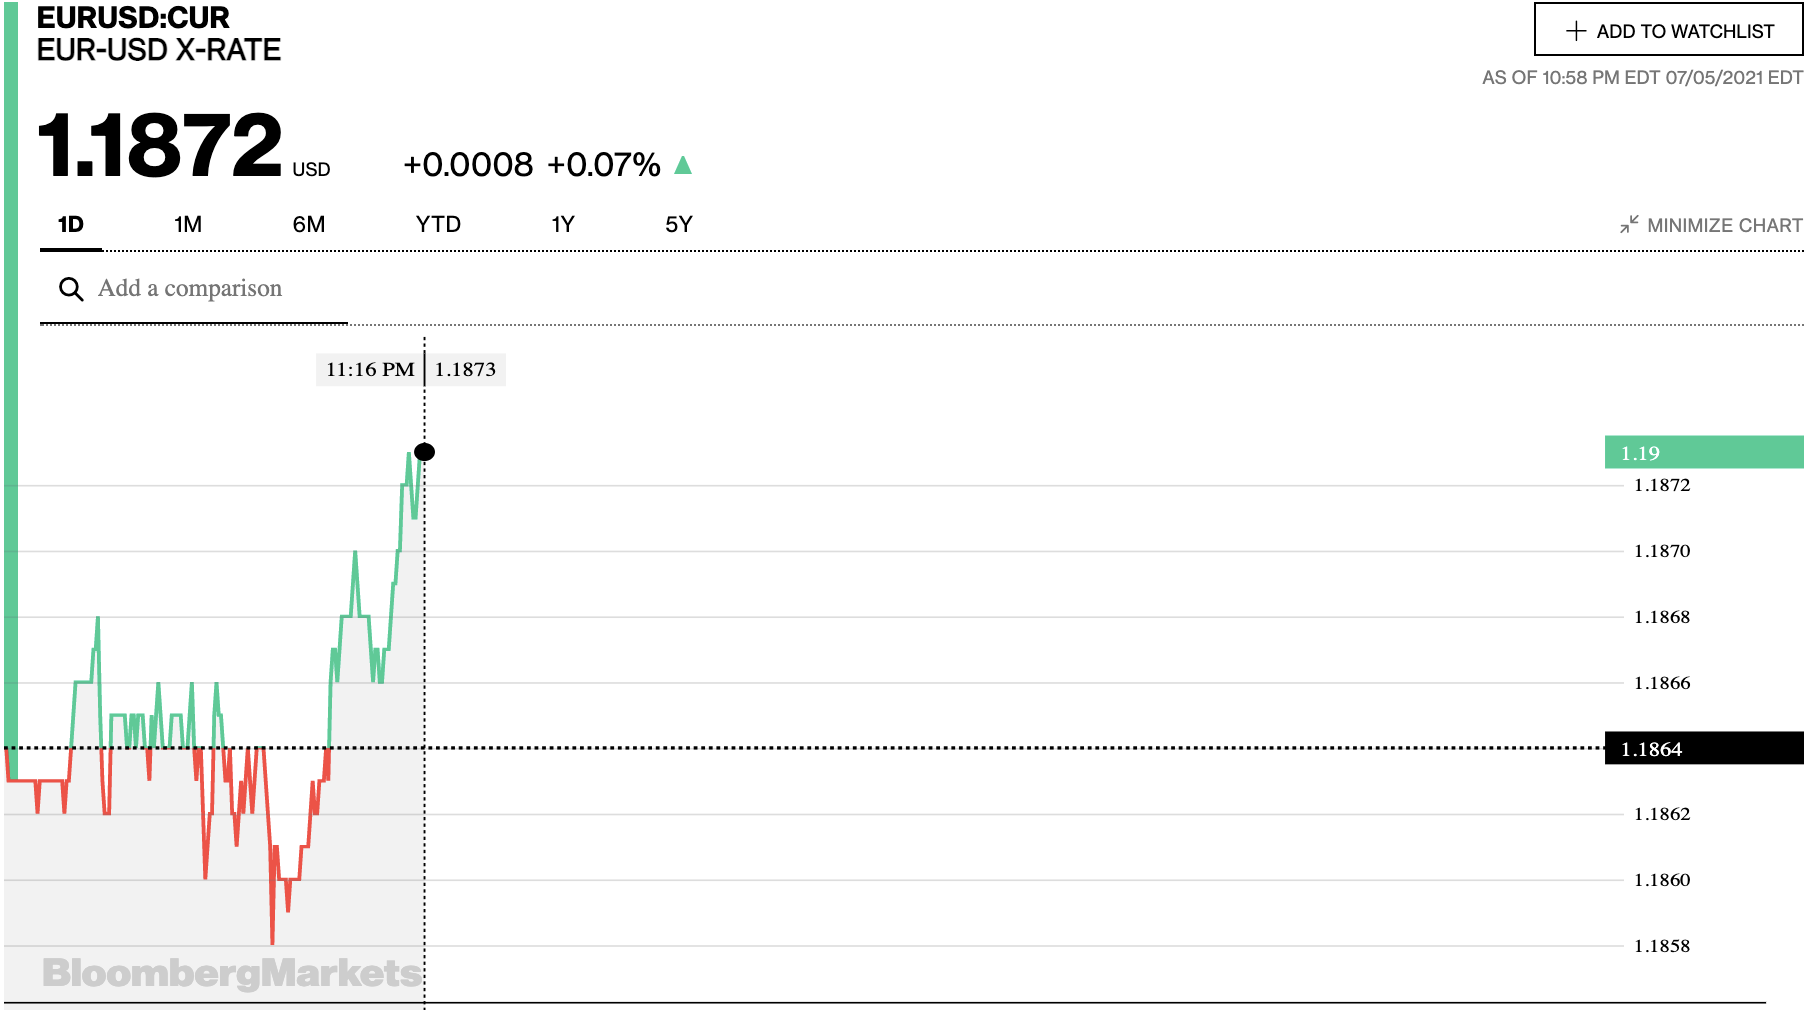 Tỷ giá euro hôm nay 6/7: Xu hướng tăng chiếm đa số ngân hàng - Ảnh 2.